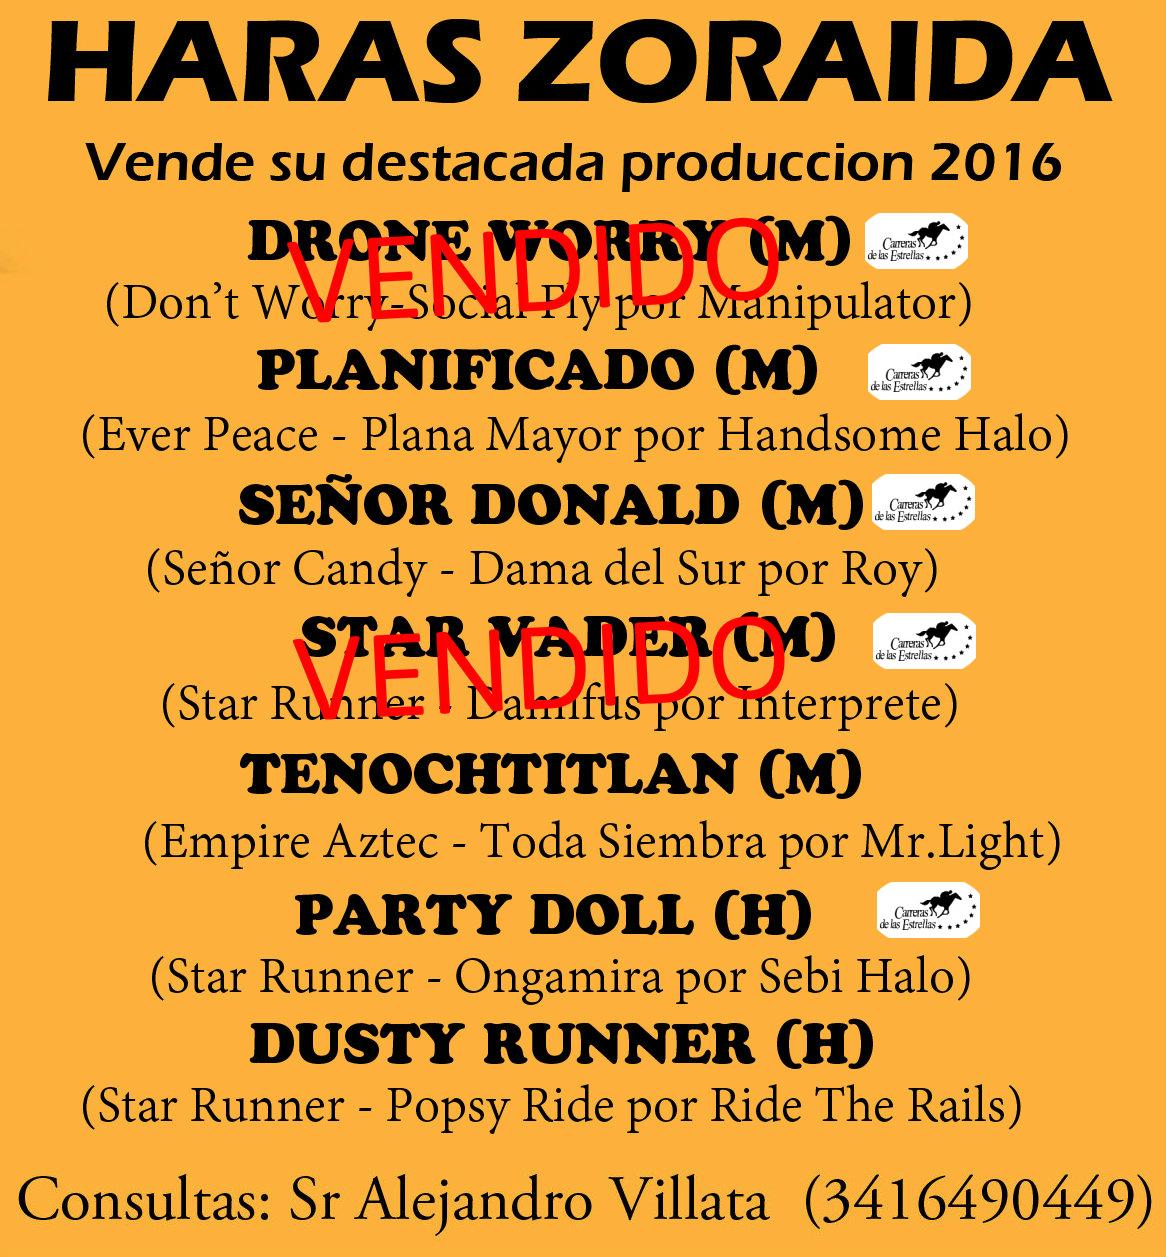 HS ZORAIDA PROD 2016 1